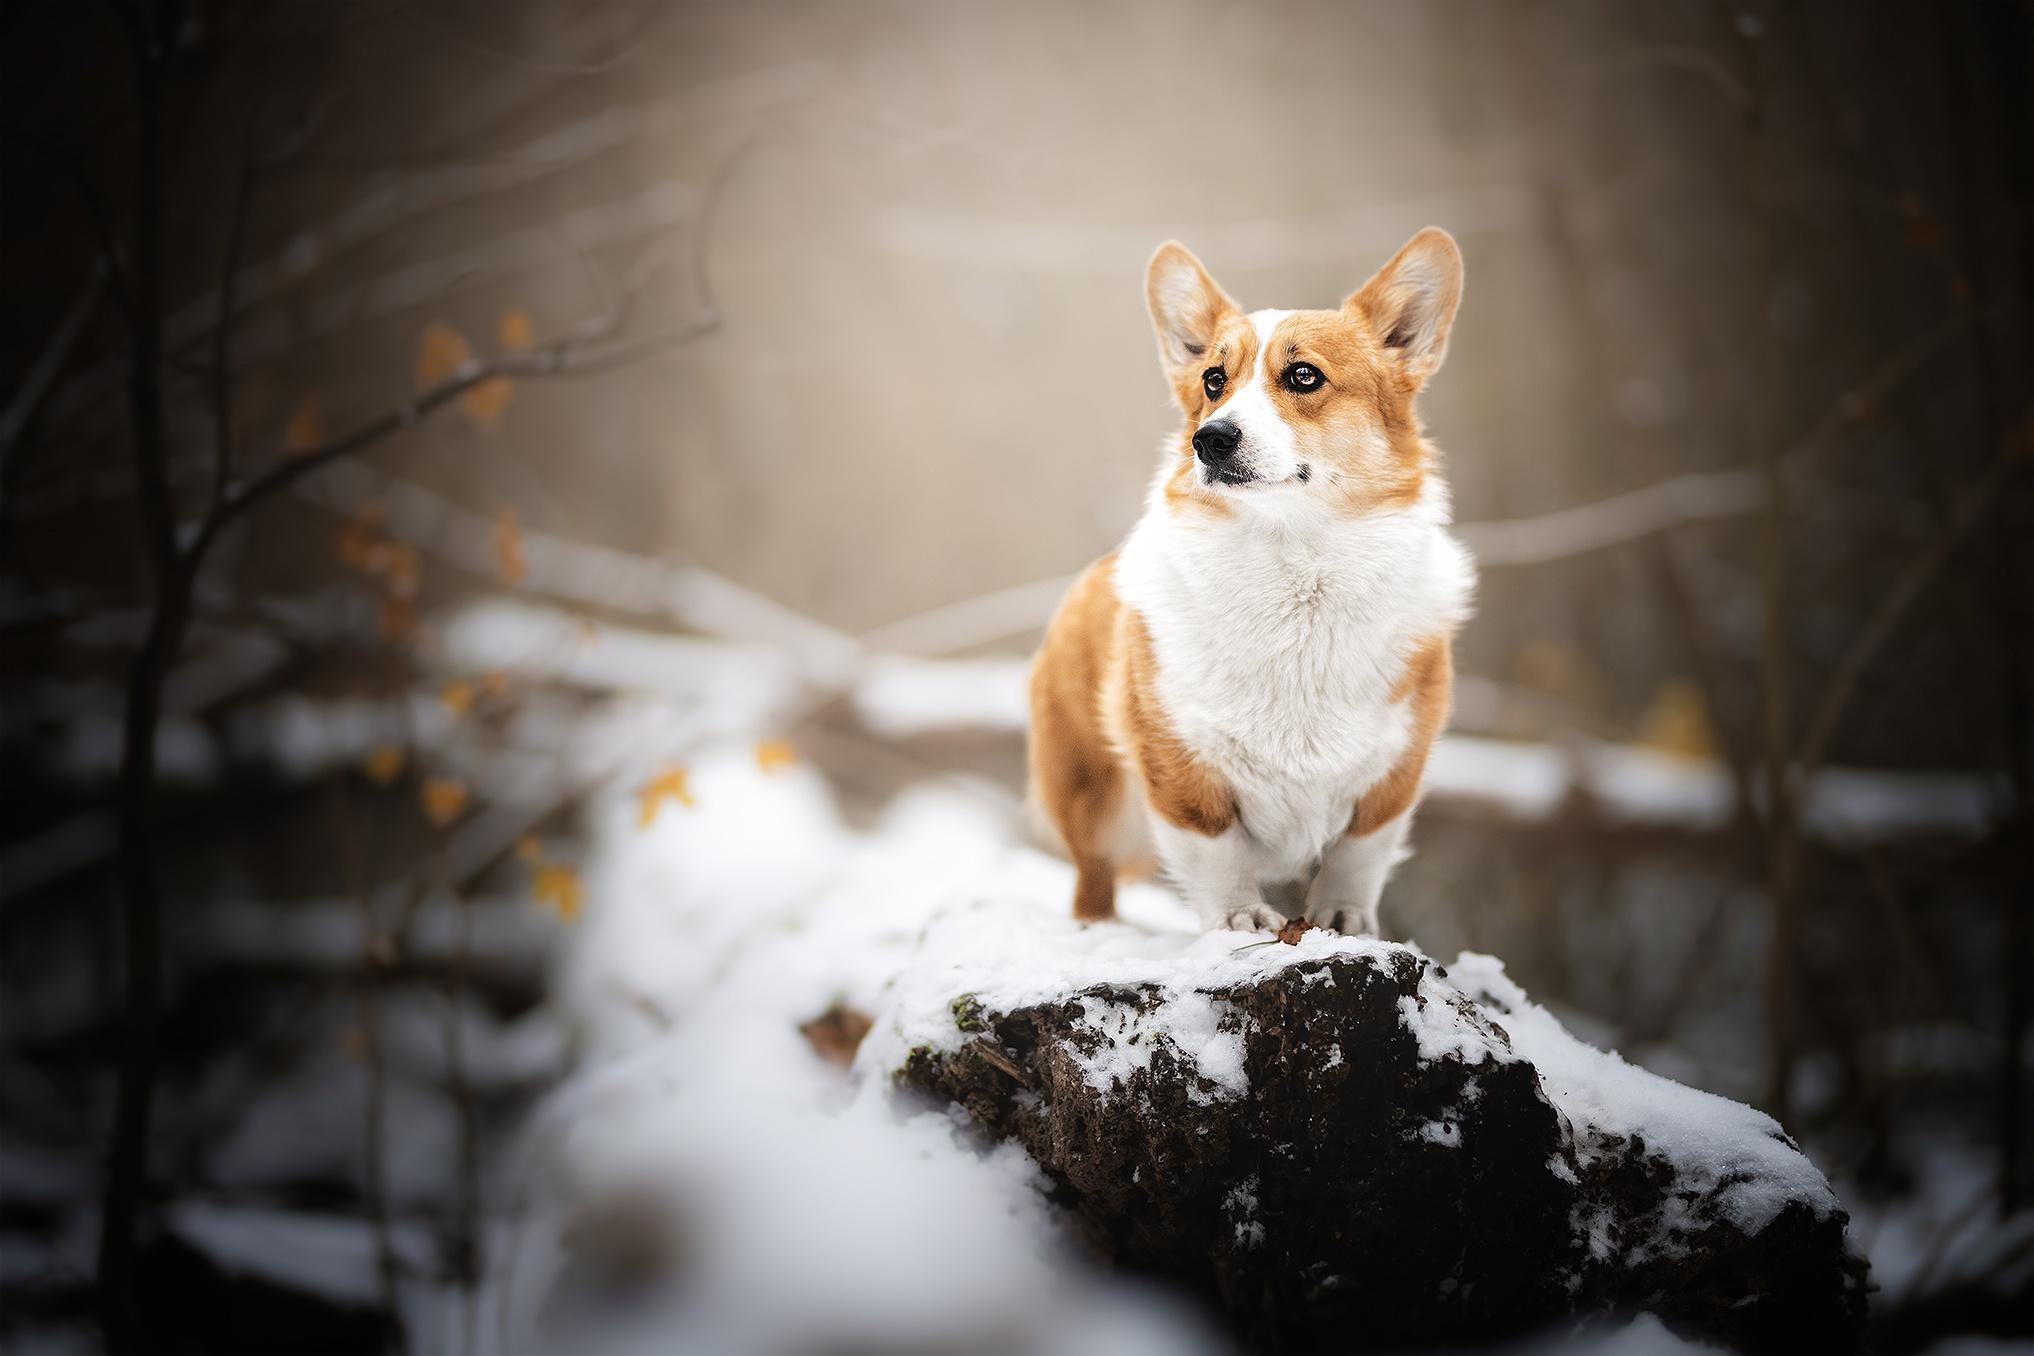 Dog Pet 2034x1356